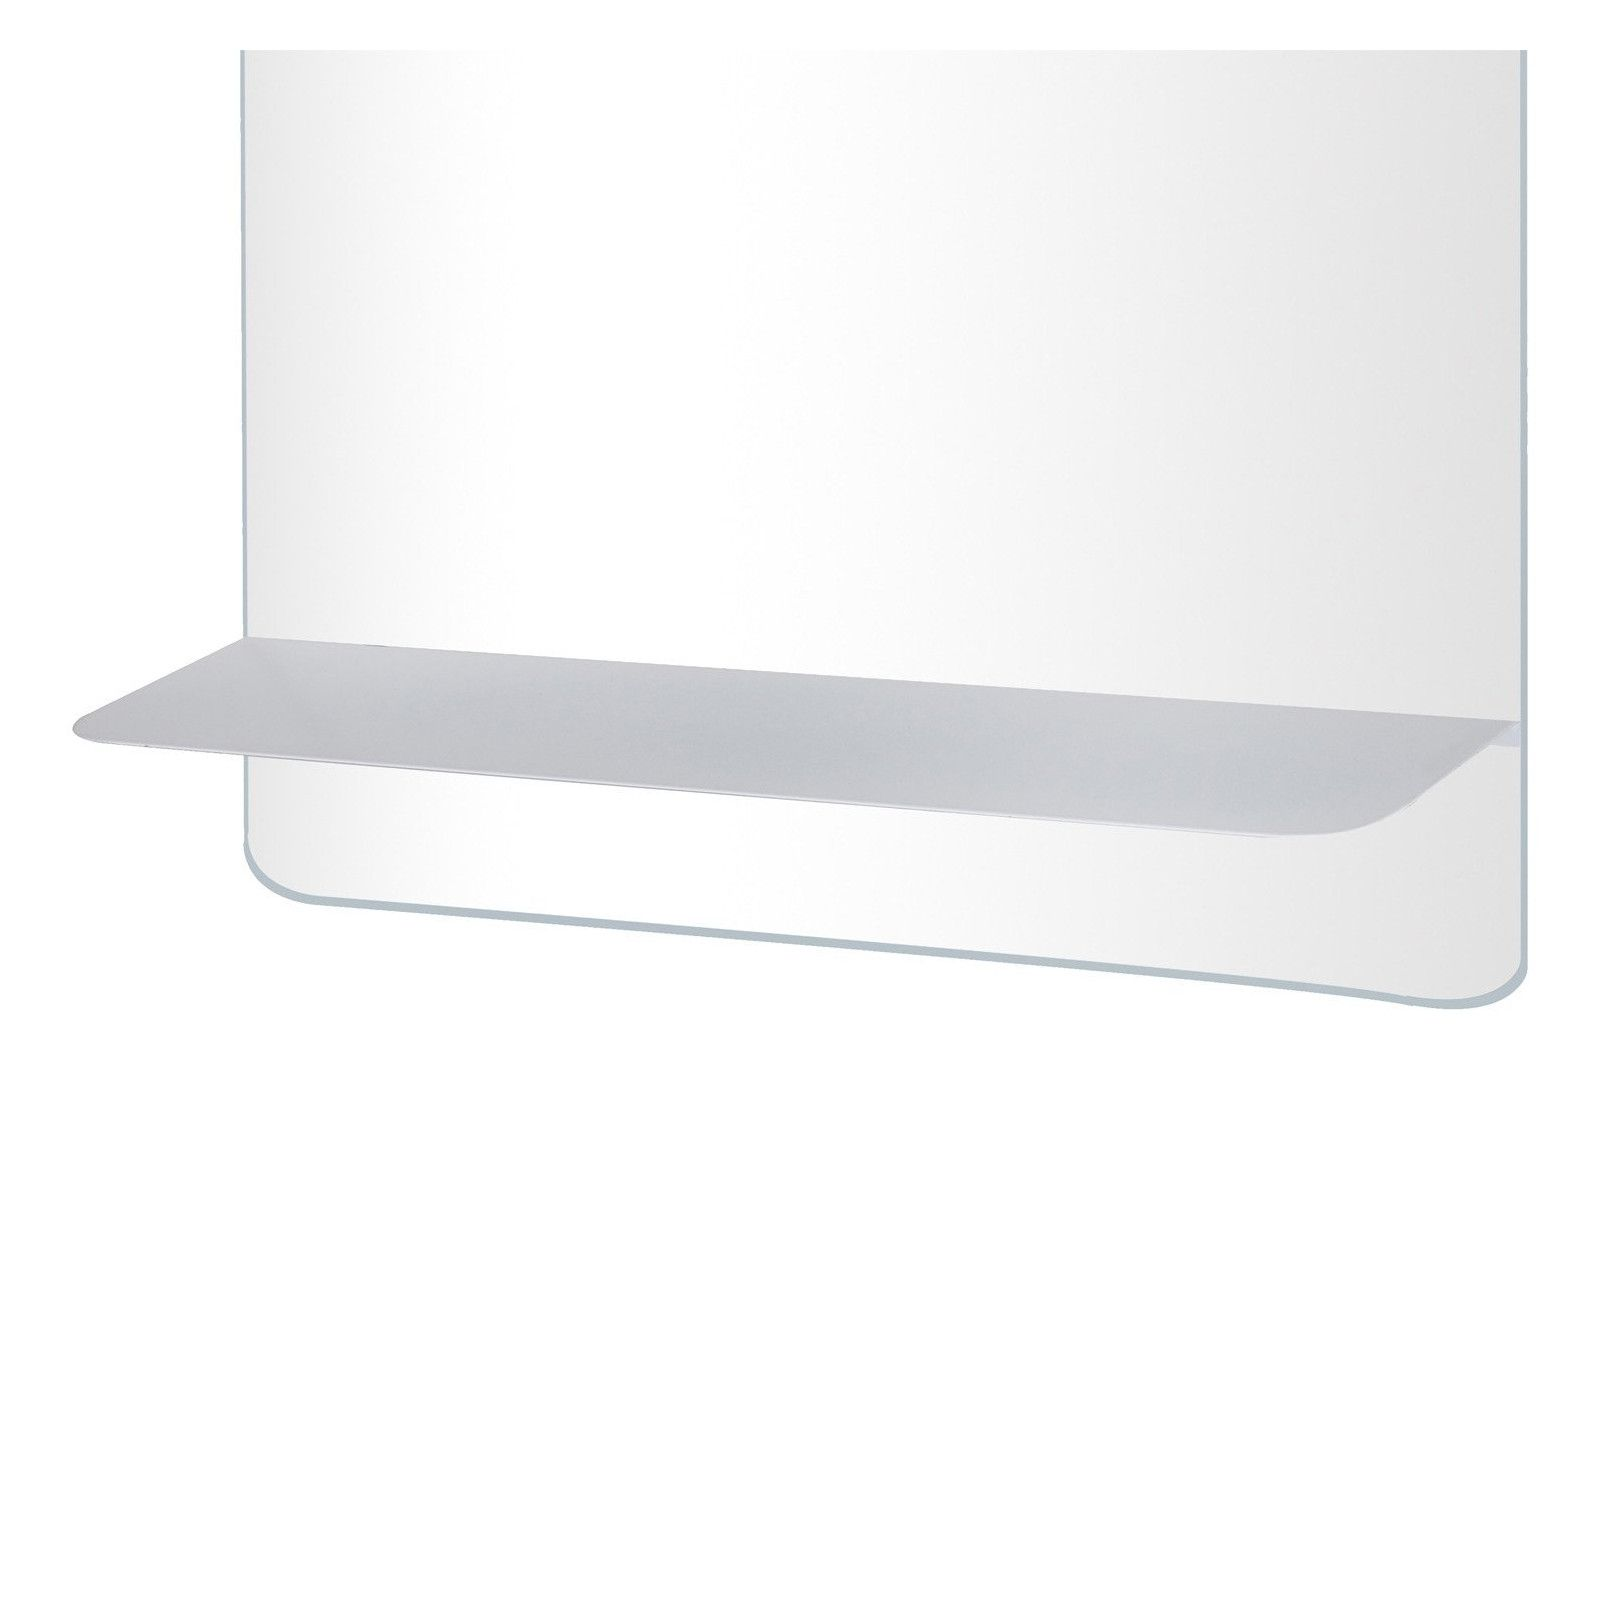 Ensemble de Salle de Bain WILL - Plan suspendu 60 cm + Equerres invisibles + Meuble tiroir + Vasque + Miroir